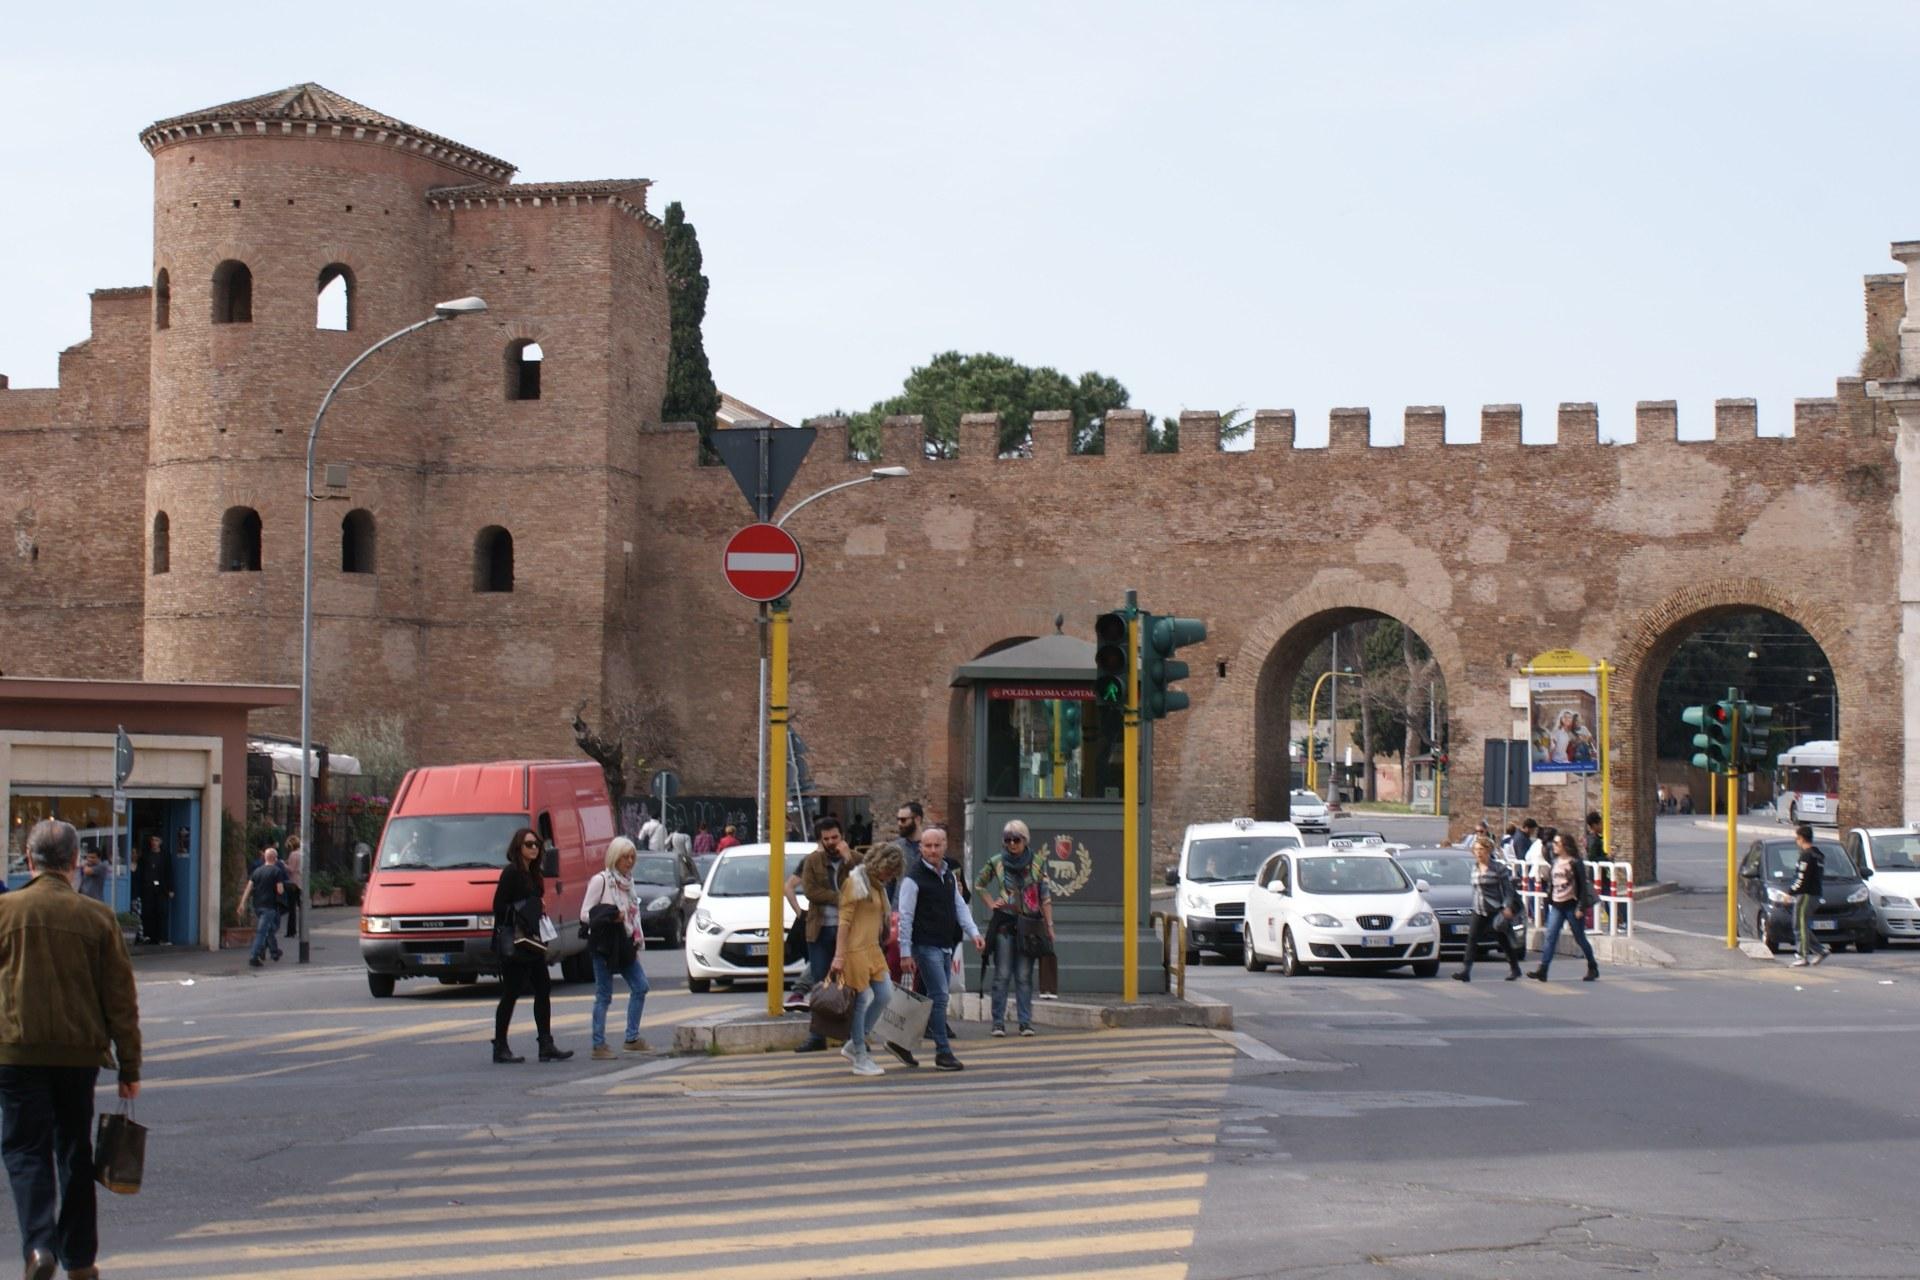 Images - Stald - Rome Printemps 2016 - 04:03 - 57